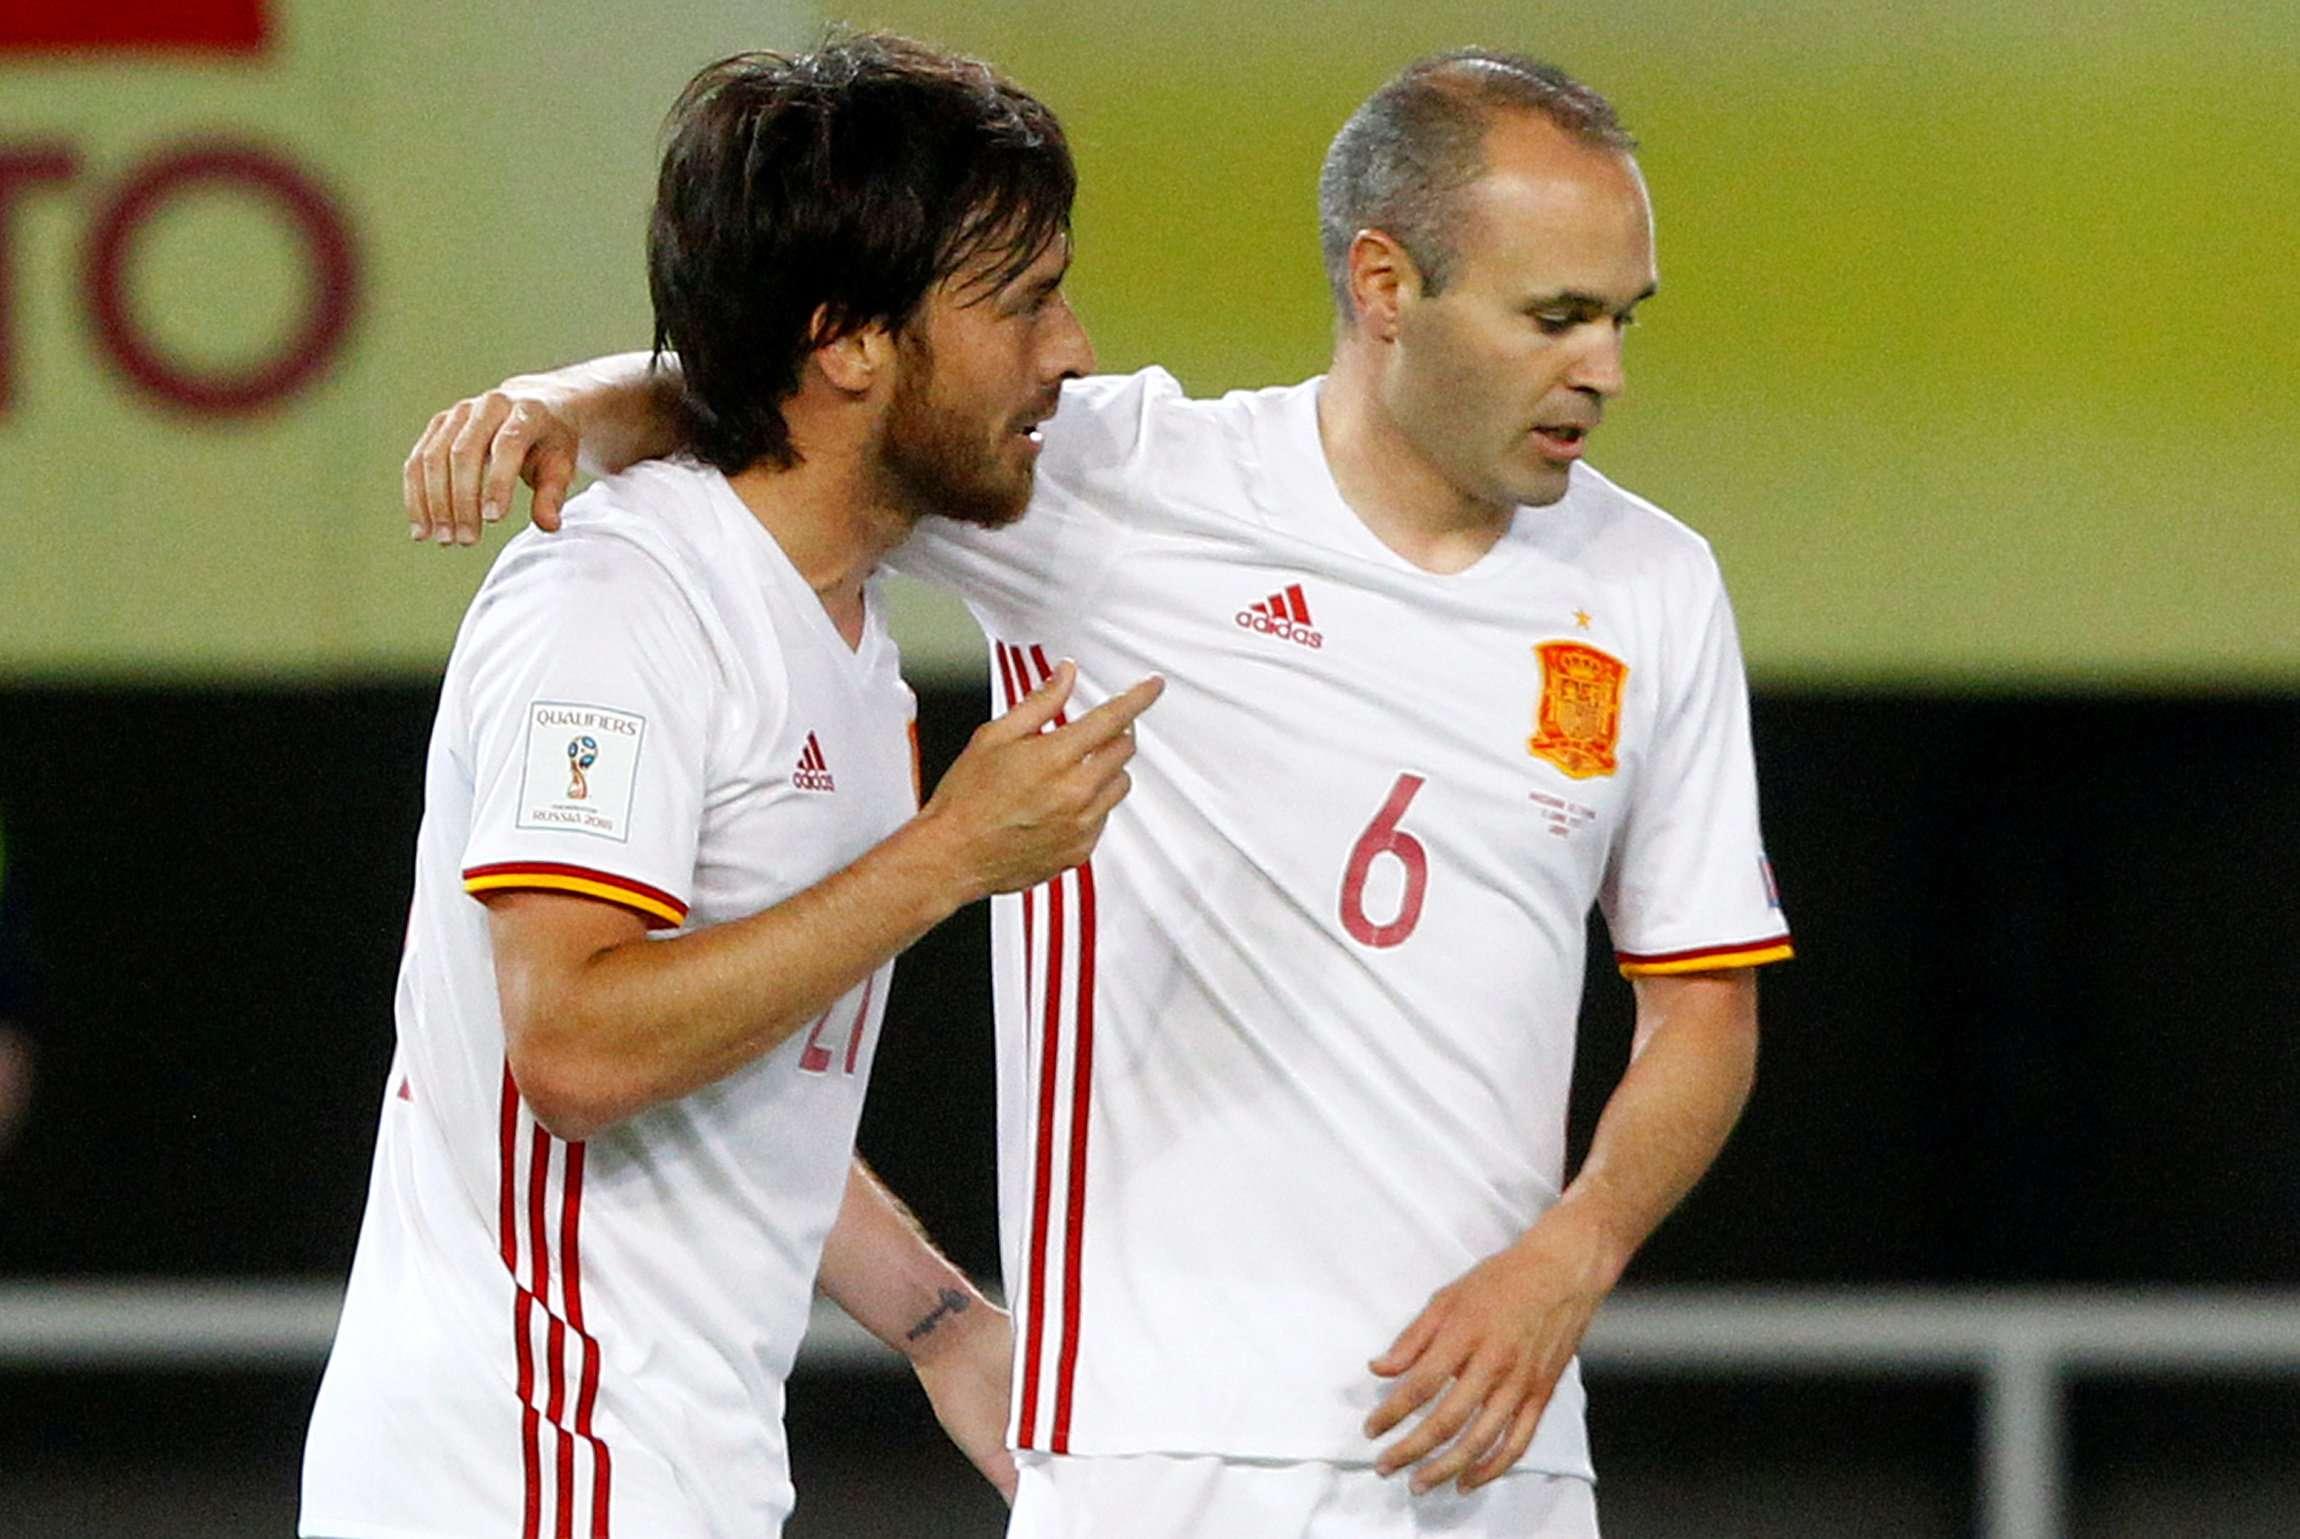 Villa và Iniesta đều đã lớn tuổi